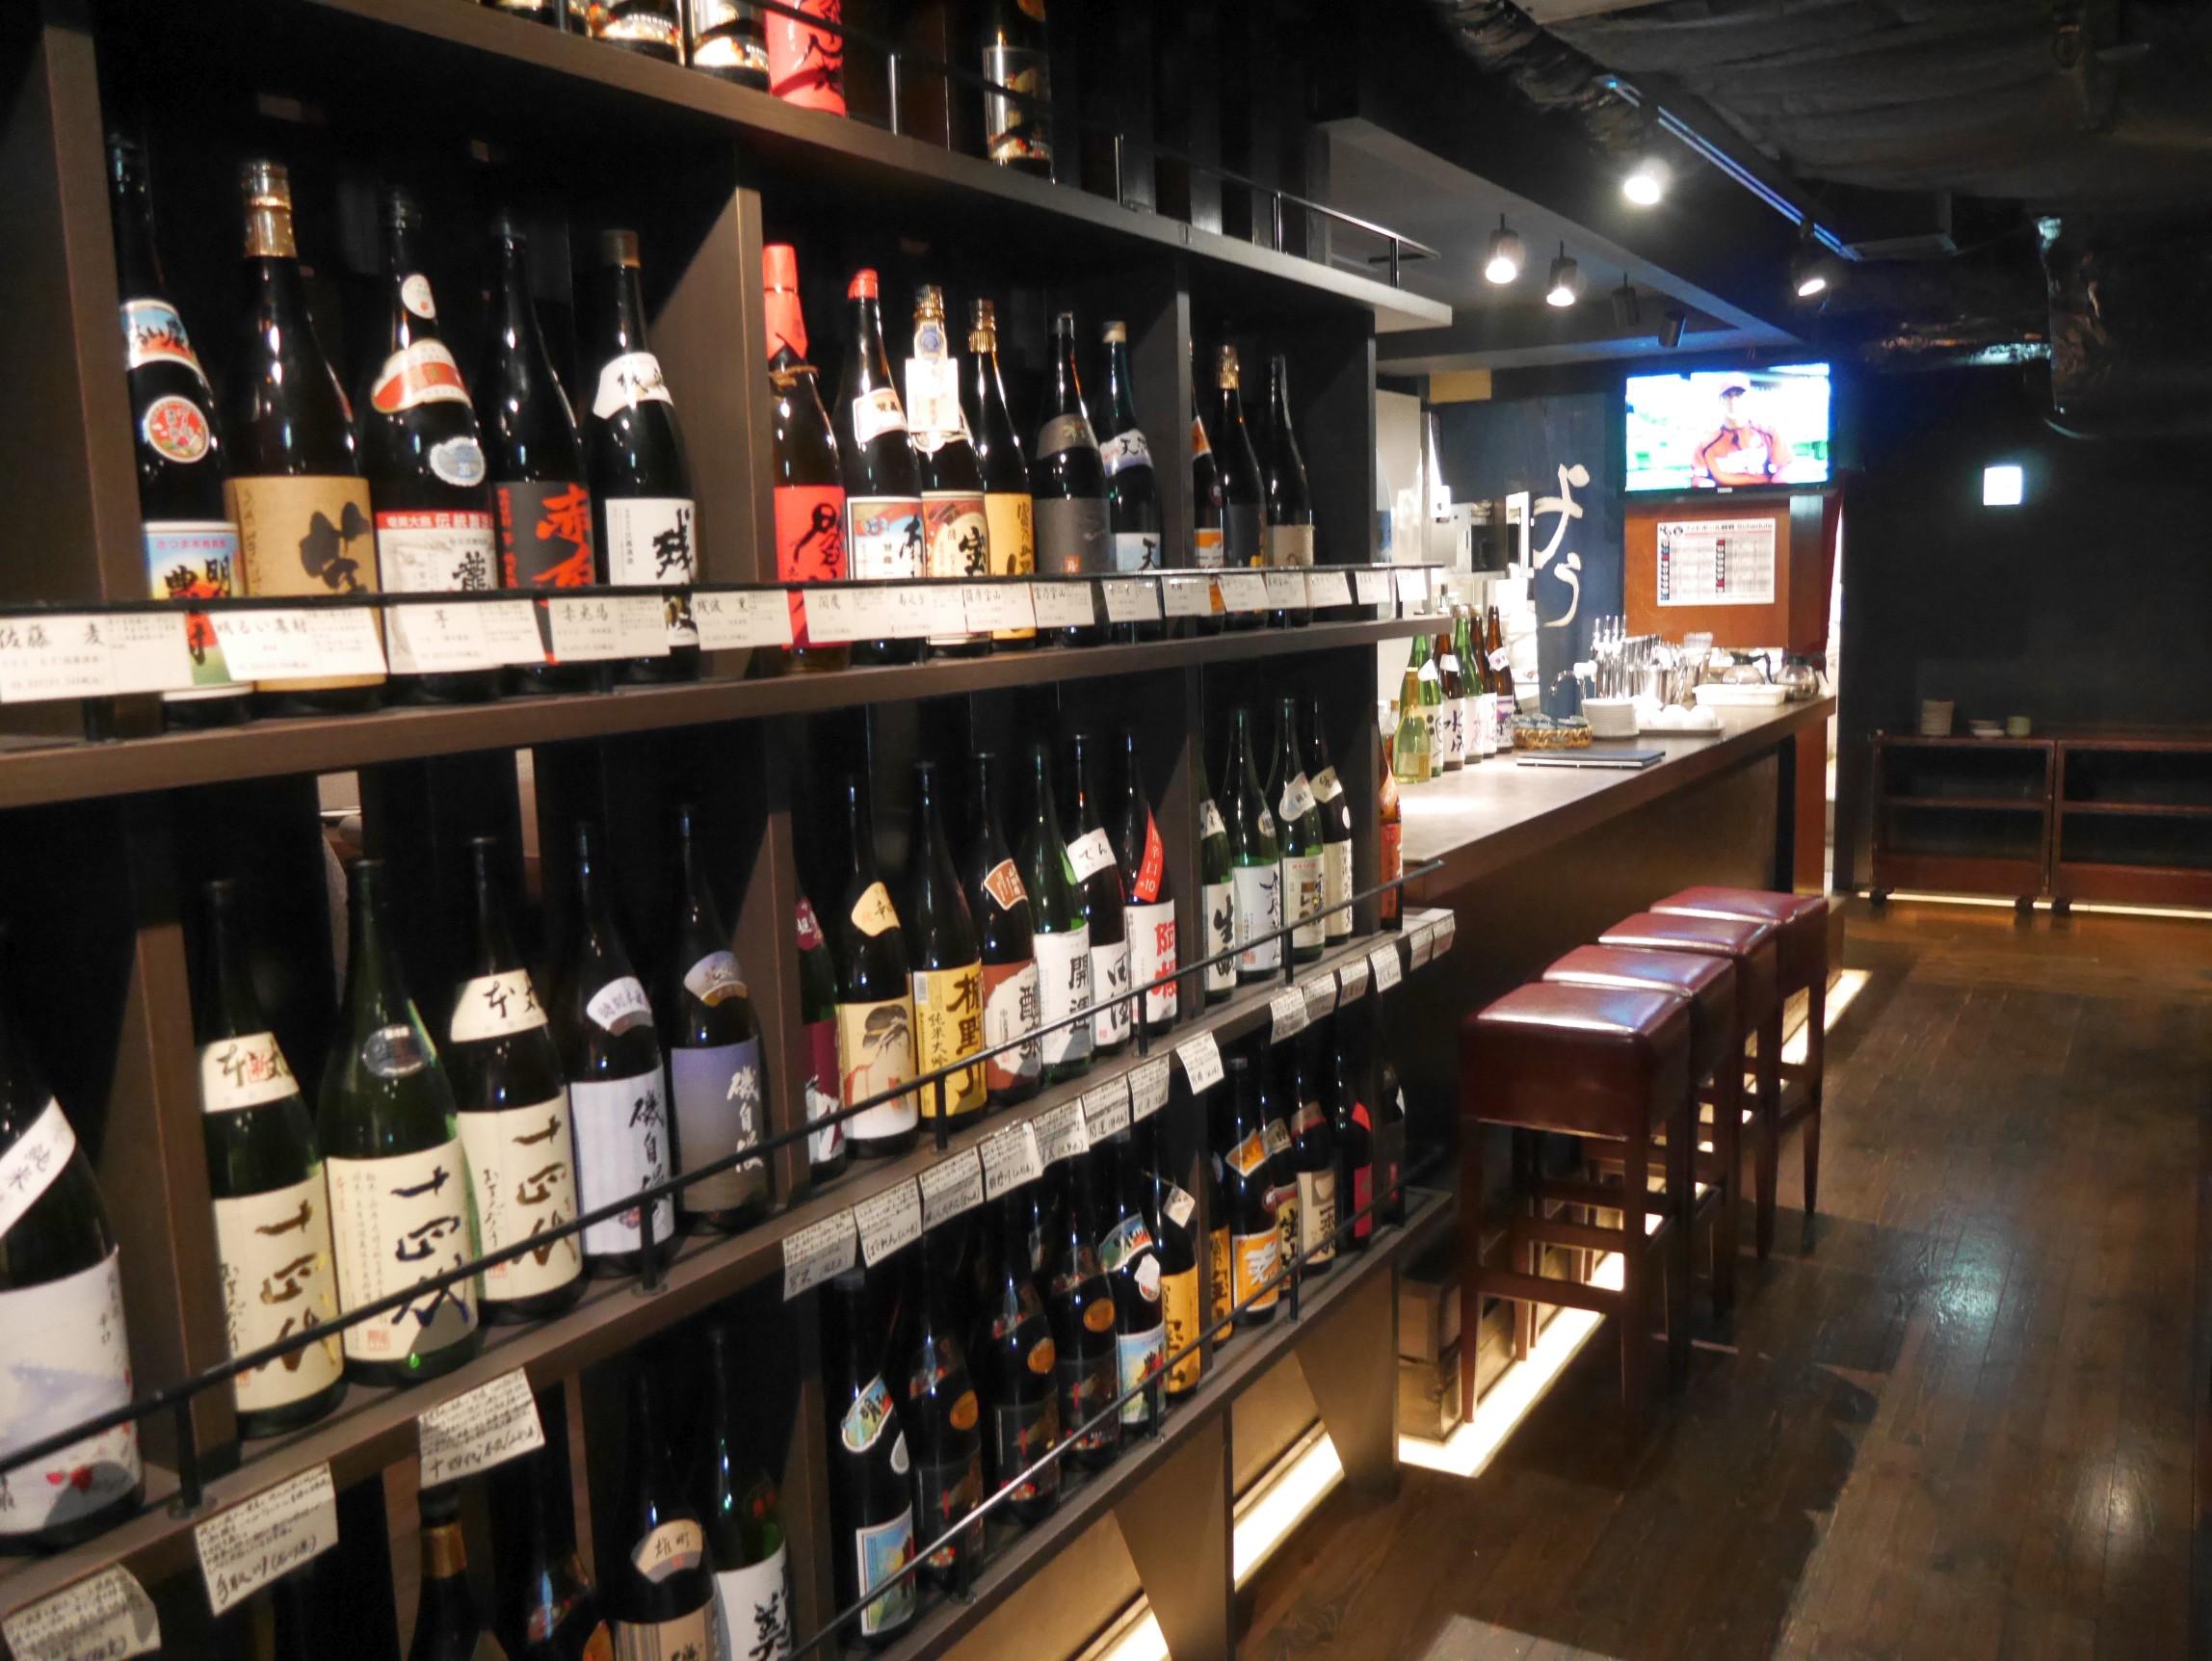 Beberapa Tips Penting Lainnya Ketika Berlibur Ke Jepang